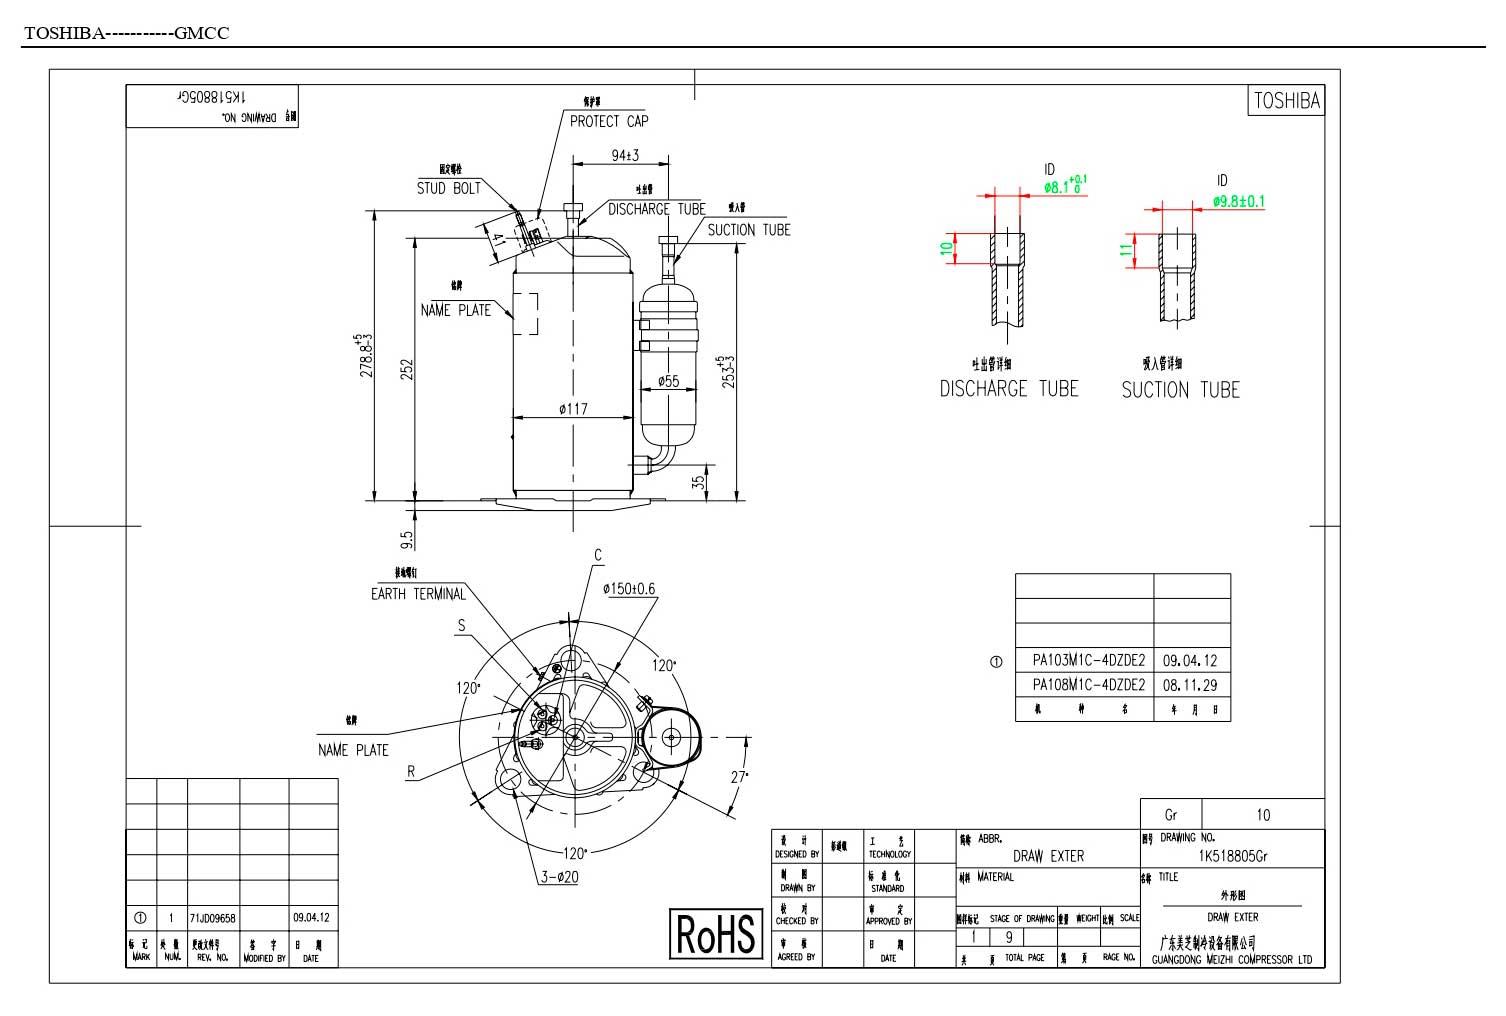 GMCC PA108M1C-4DZDE2 характеристики